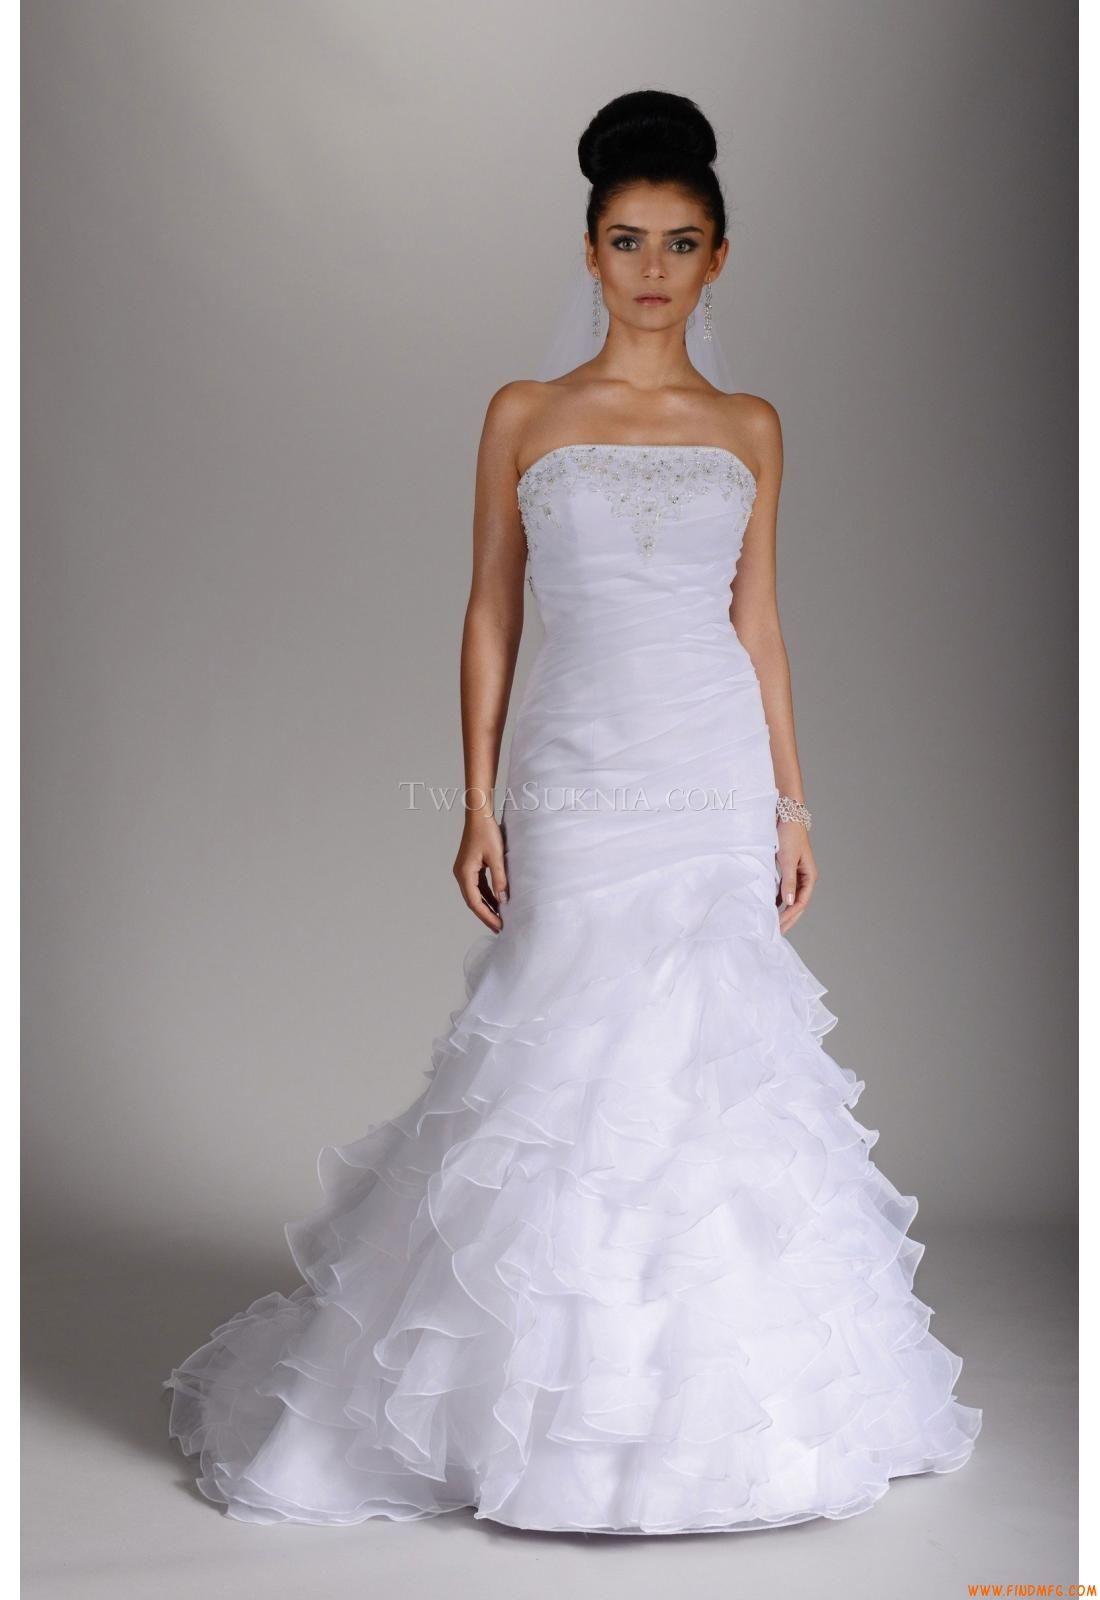 Vestidos de noiva Relevance Bridal Andrea 2013